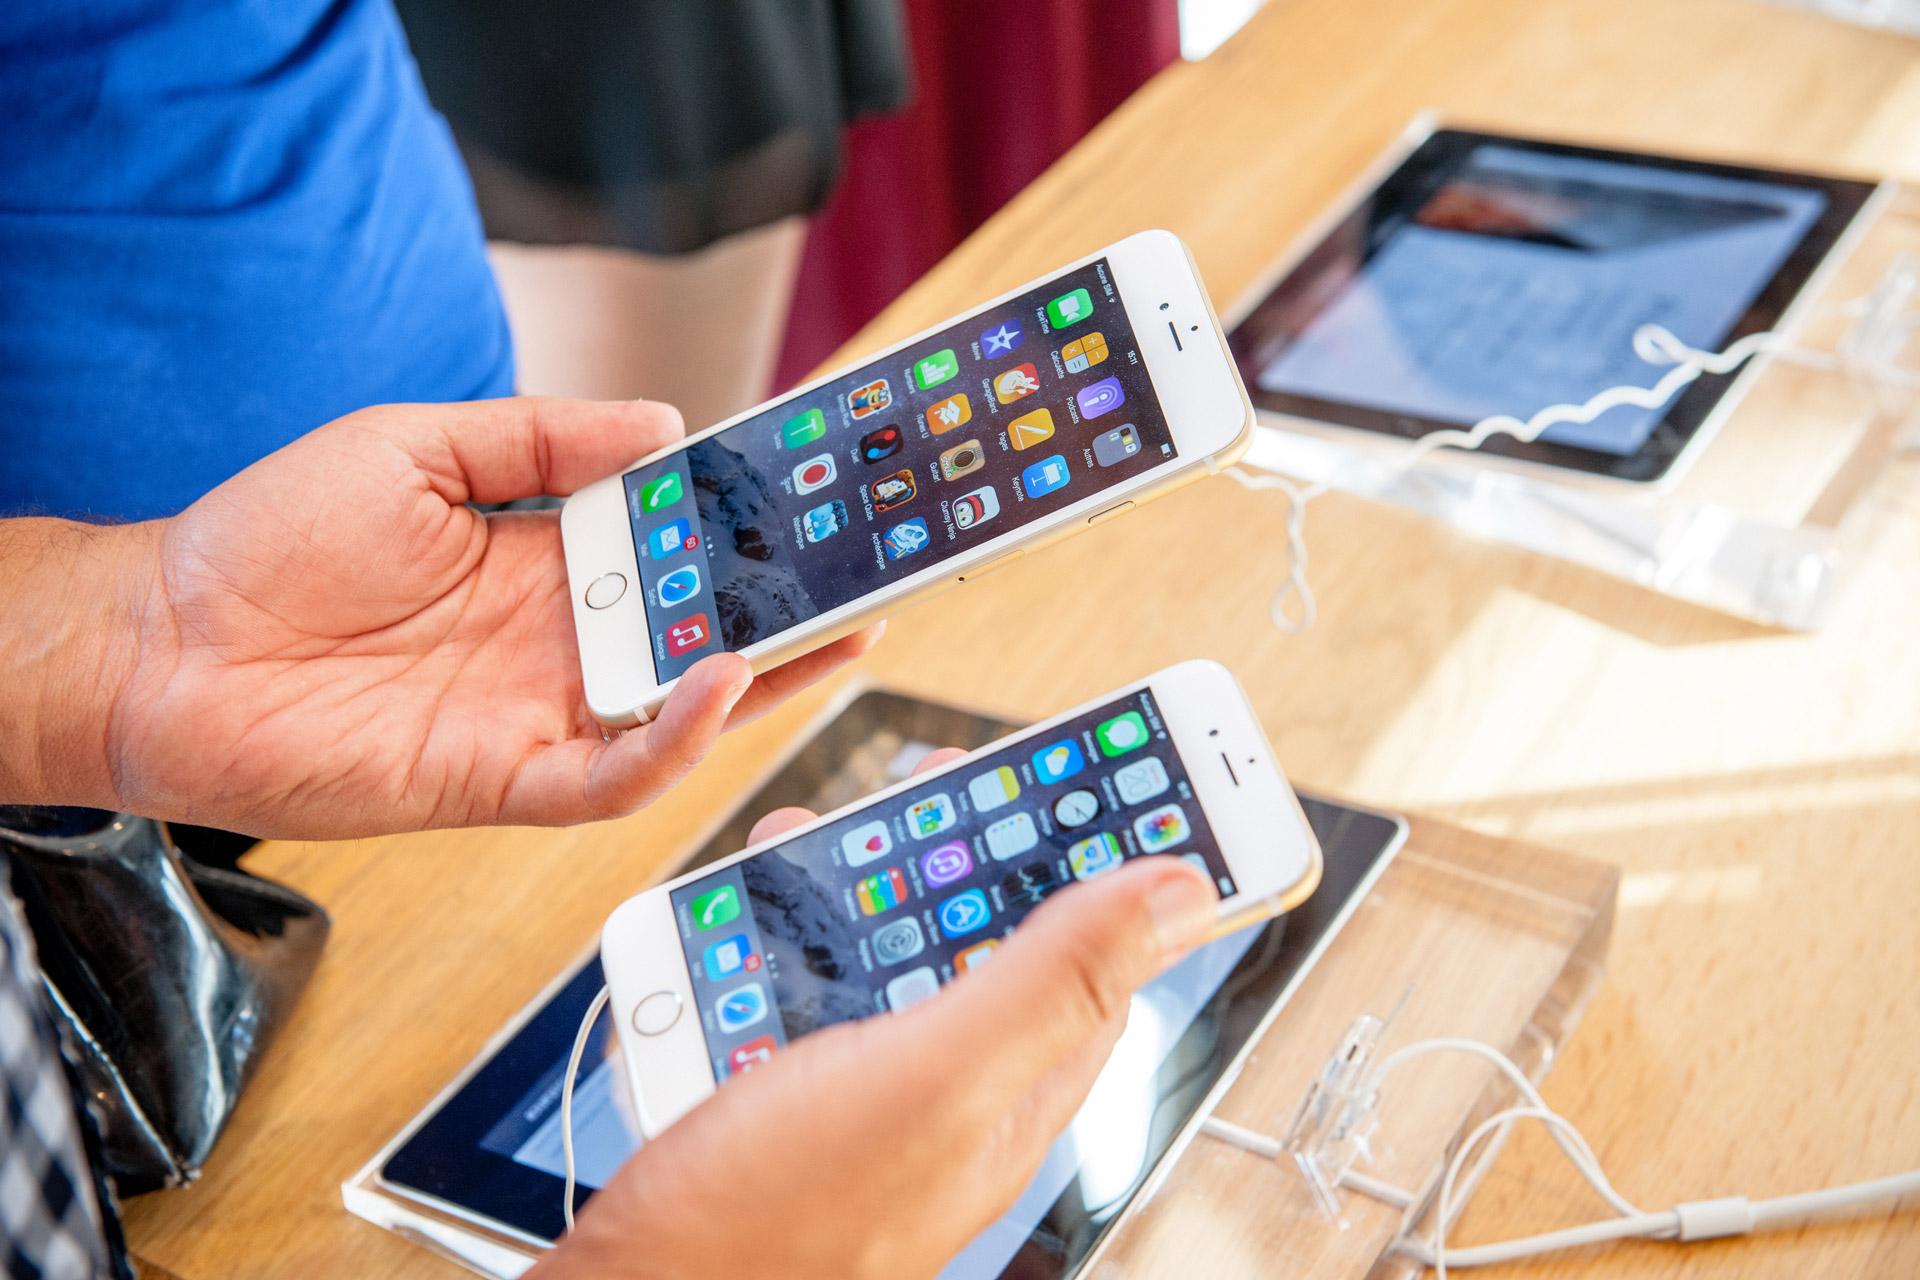 «Евросеть» начала менять старые смартфоны на новые с фиксированной скидкой